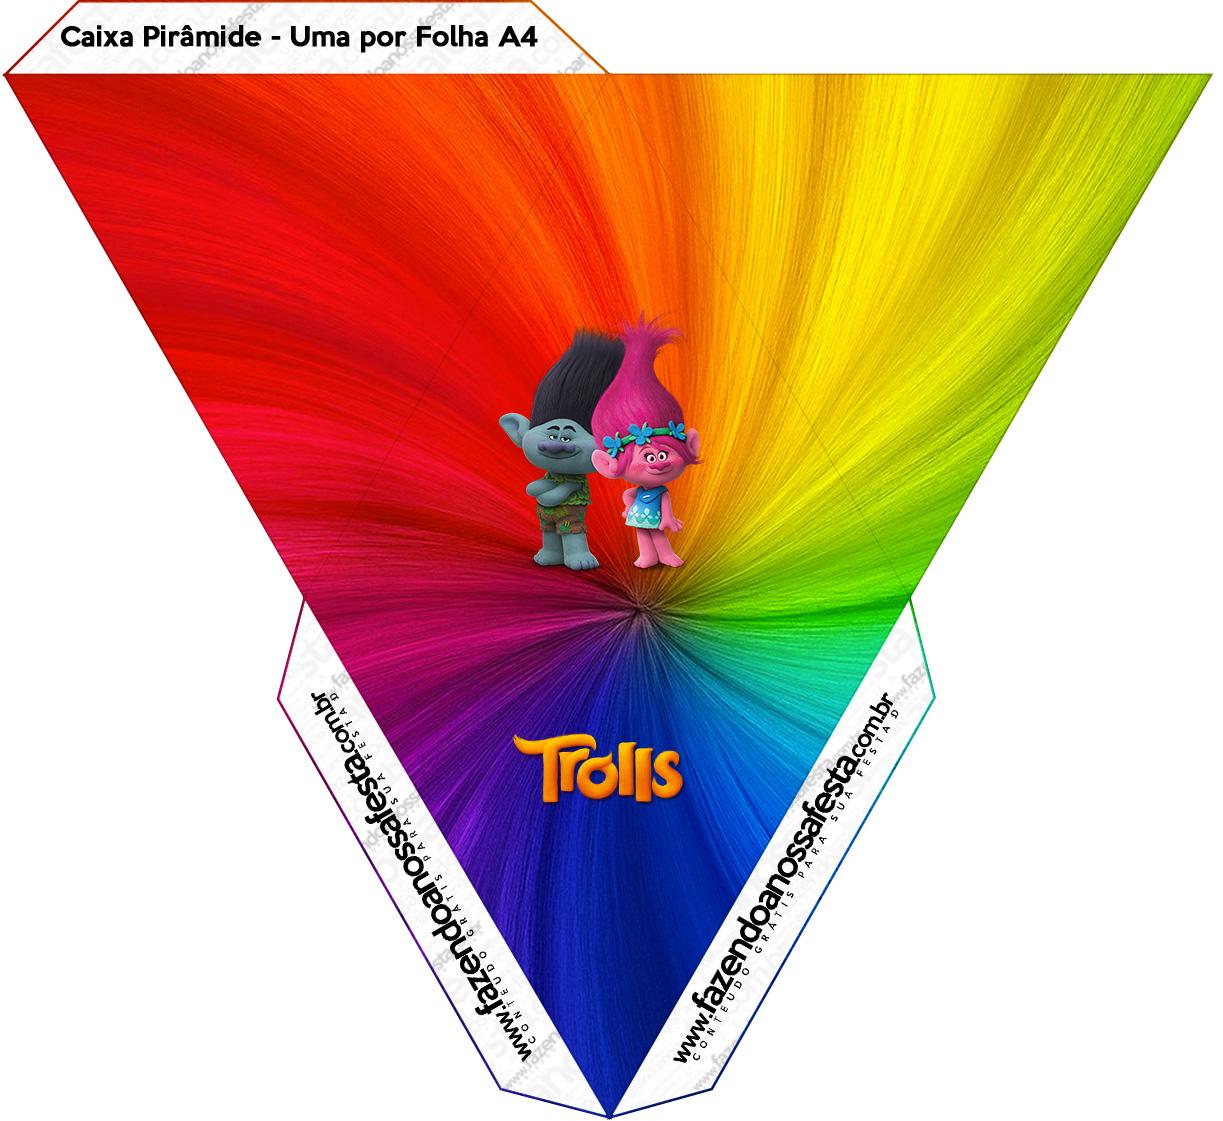 Caixa Piramide Trolls